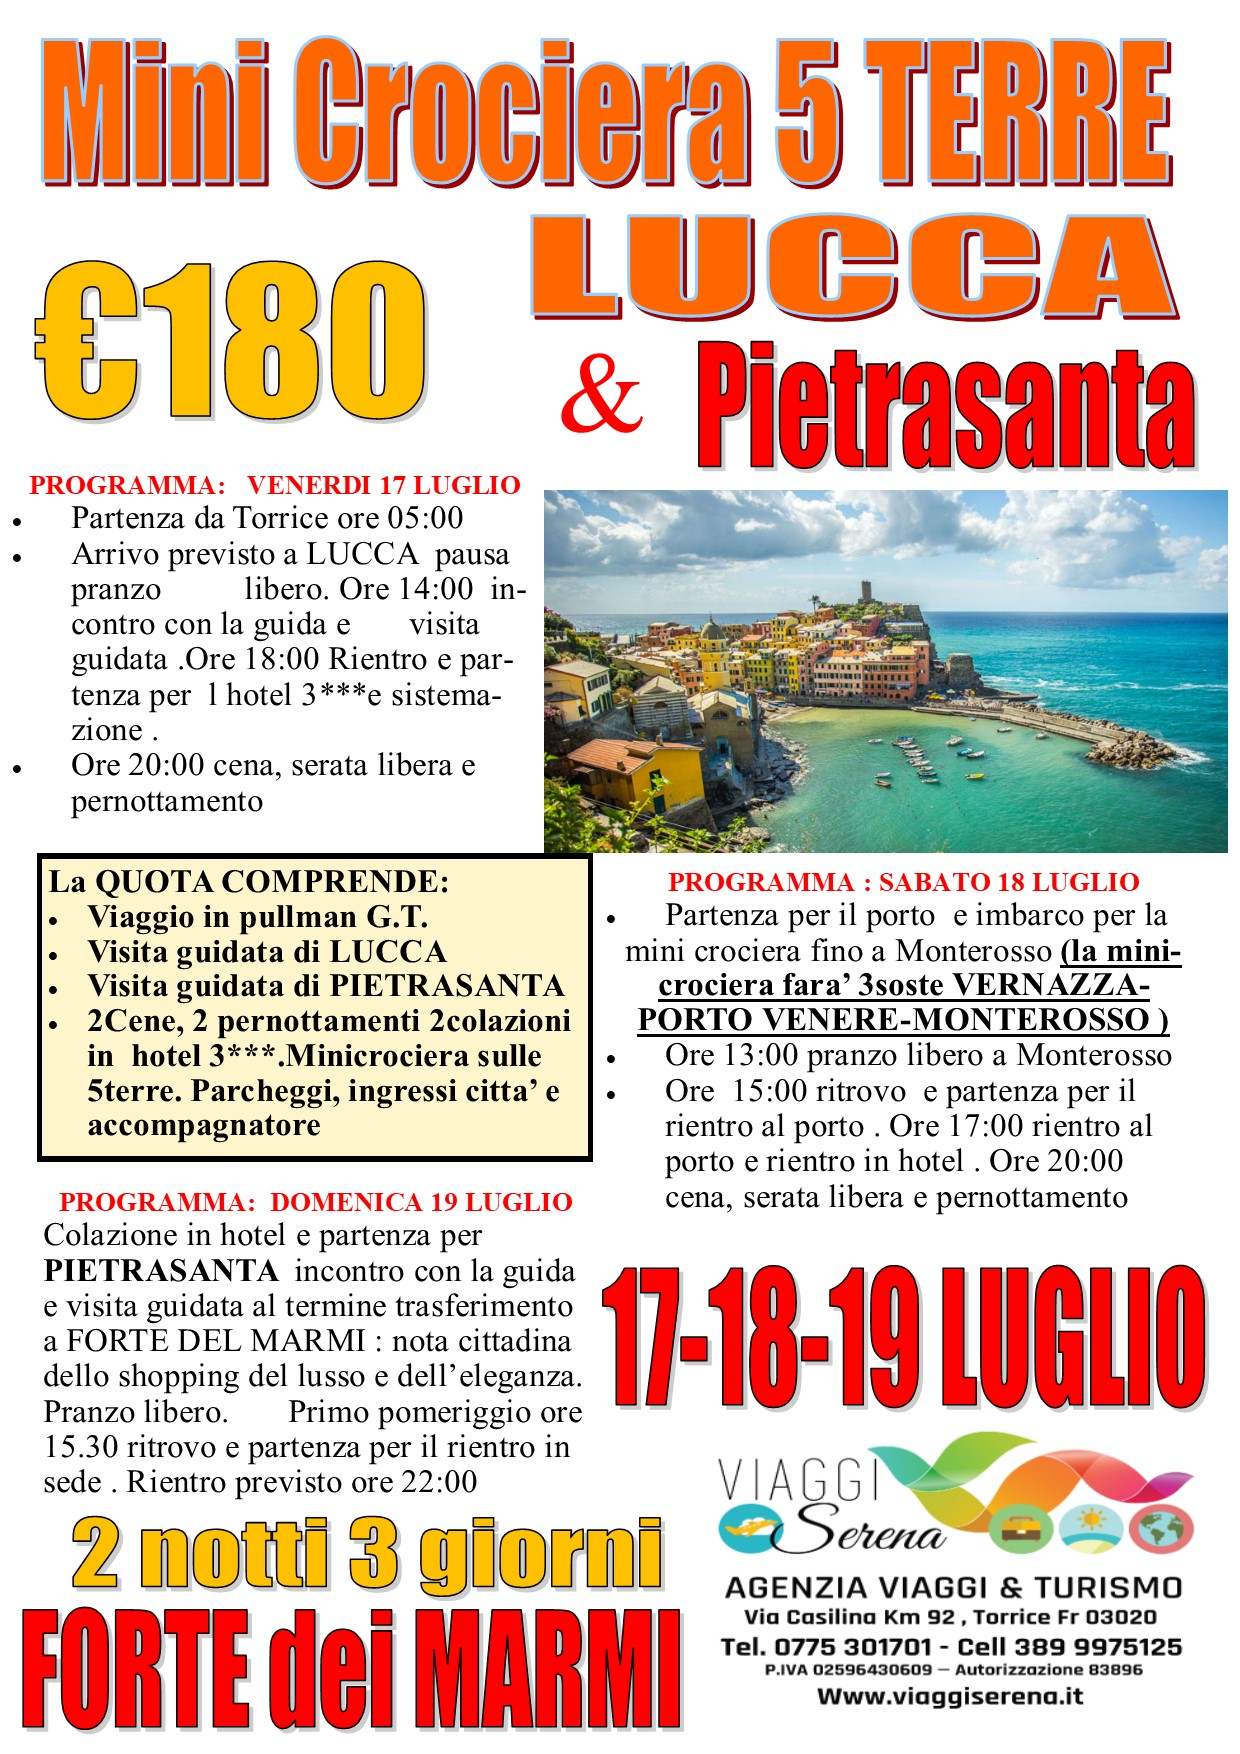 Viaggi di Gruppo: Minicrociera alle 5 Terre , Lucca & Pietrasanta 17-18-19 LUGLIO €180,00